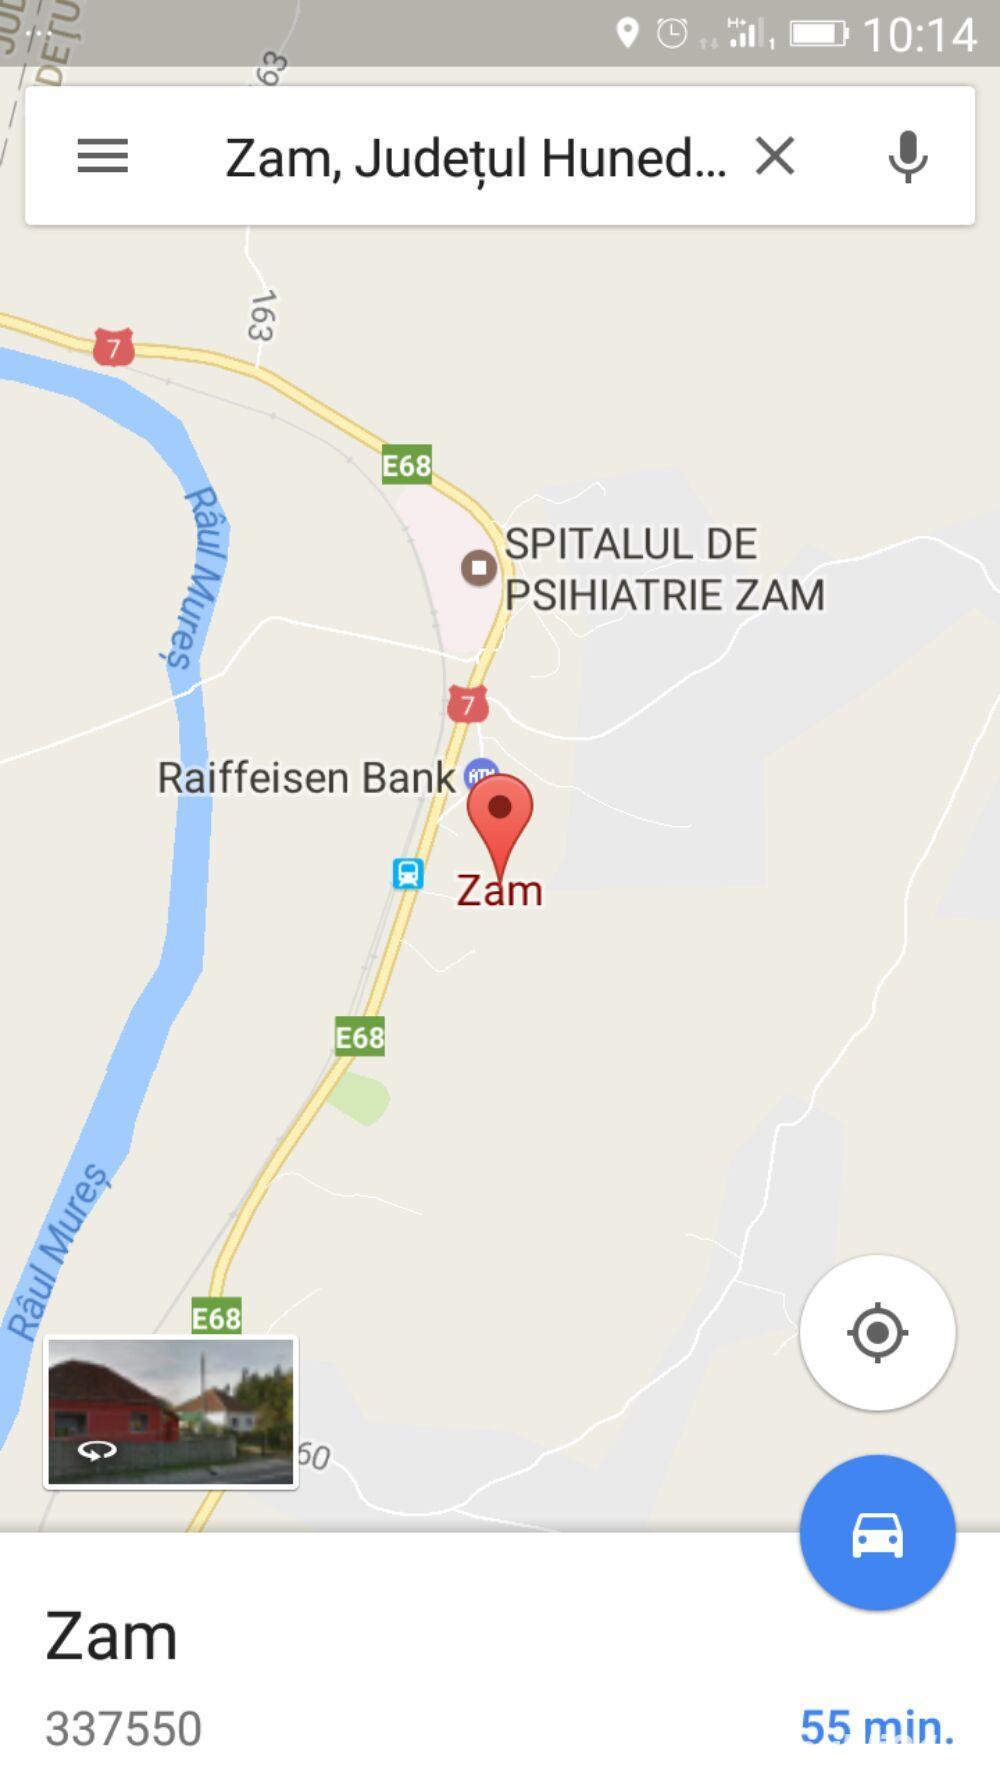 Vand teren extravilan 38000mp Zam,Hd